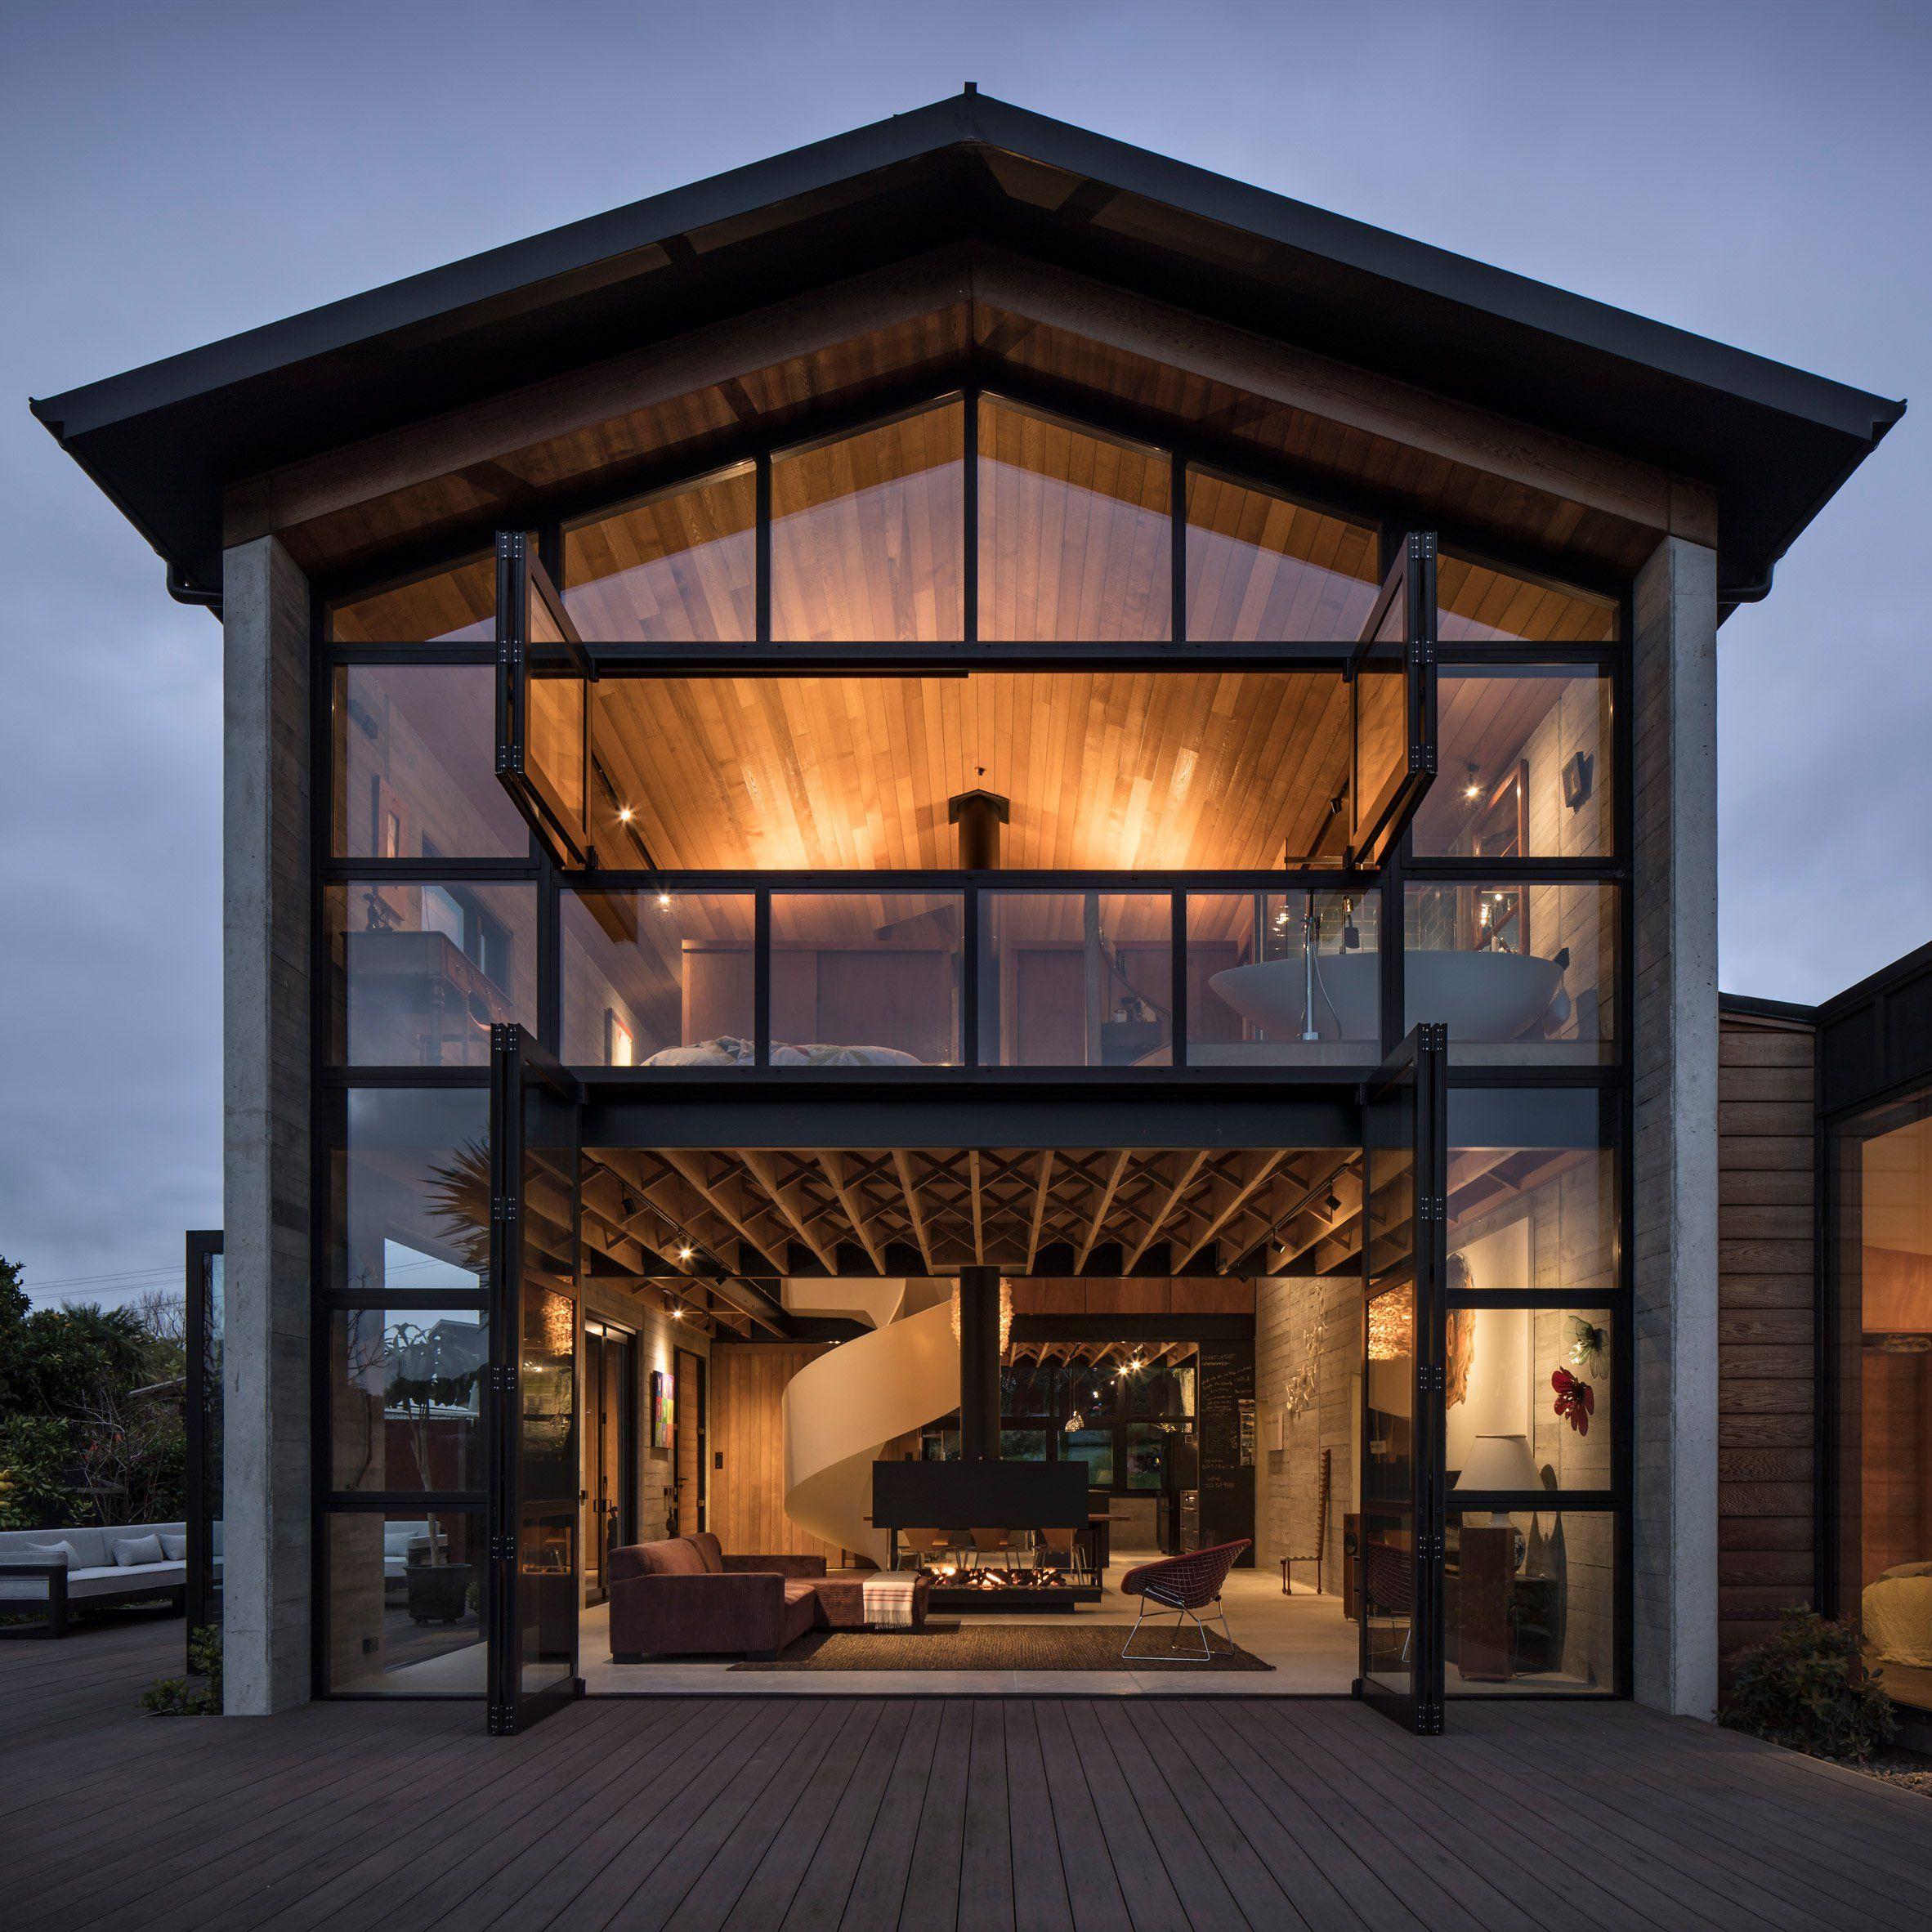 Pin von Derrick Mead auf House/Home   Pinterest   Architektur und Wohnen